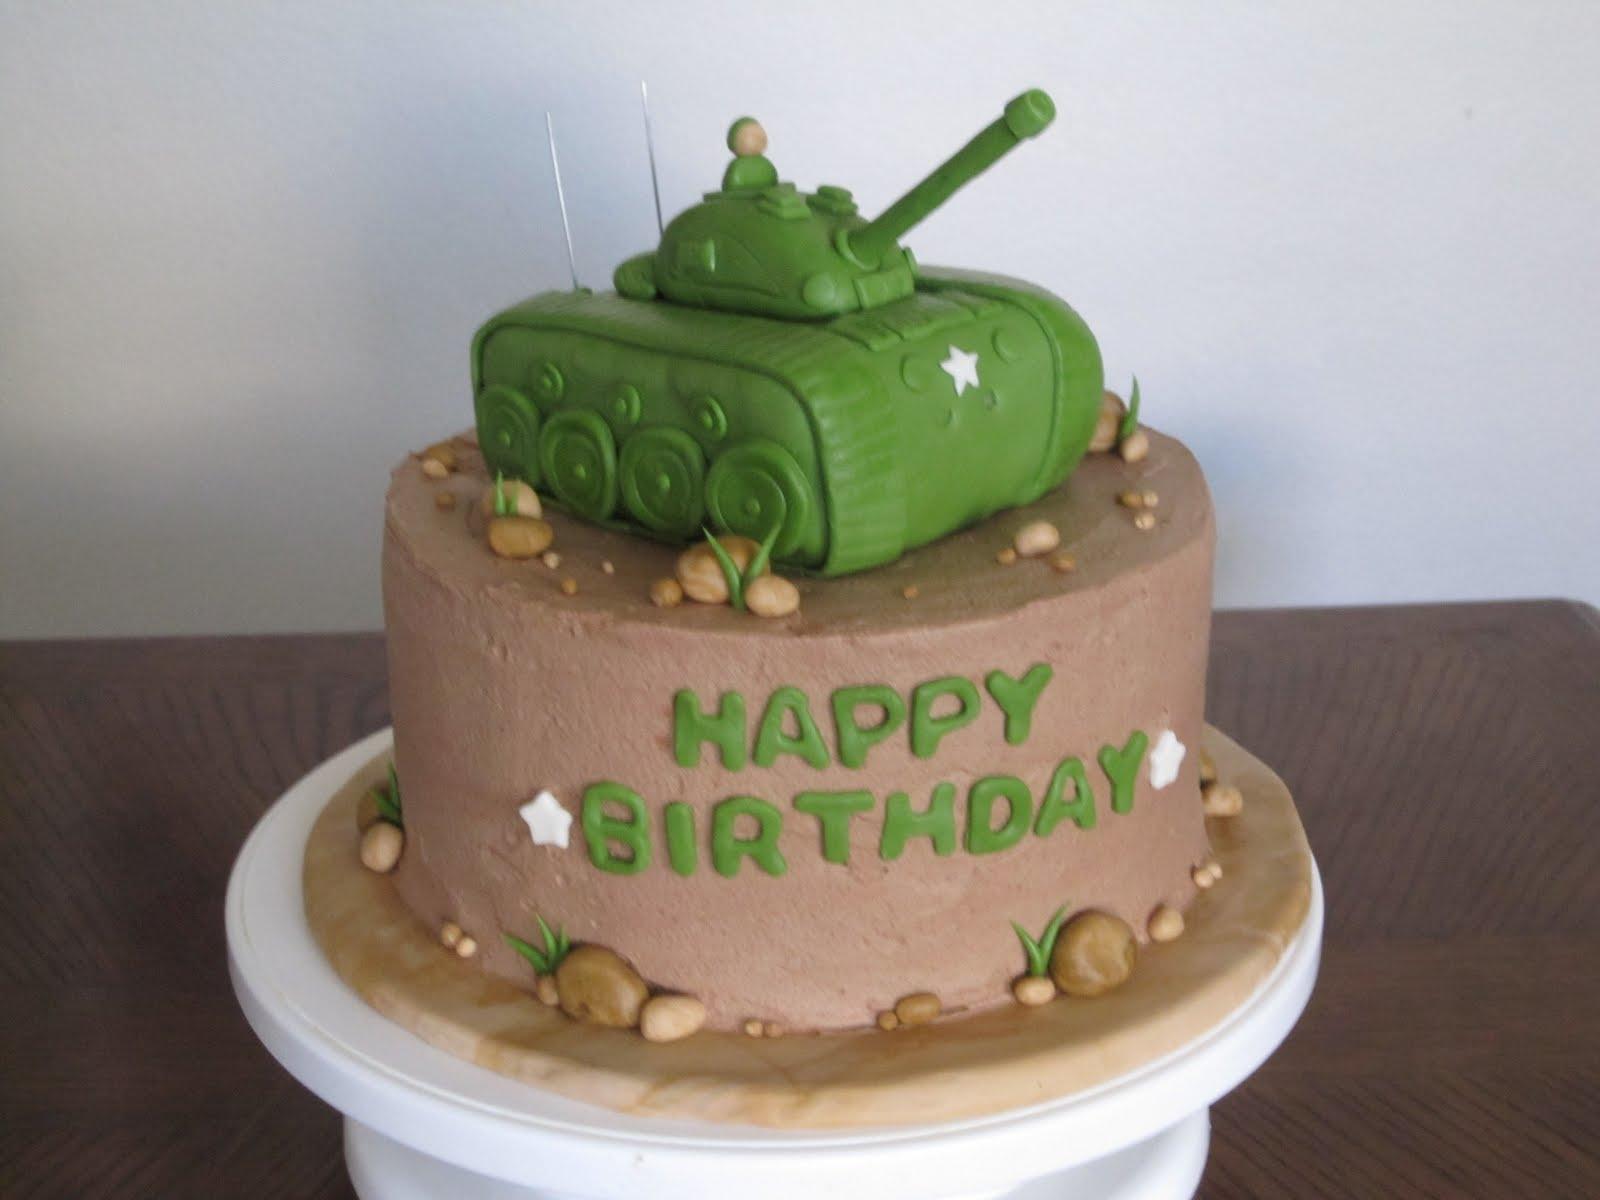 Joyeux anniversaire à notre GRENOUILLE et à Alain du 54 Tank+Cake